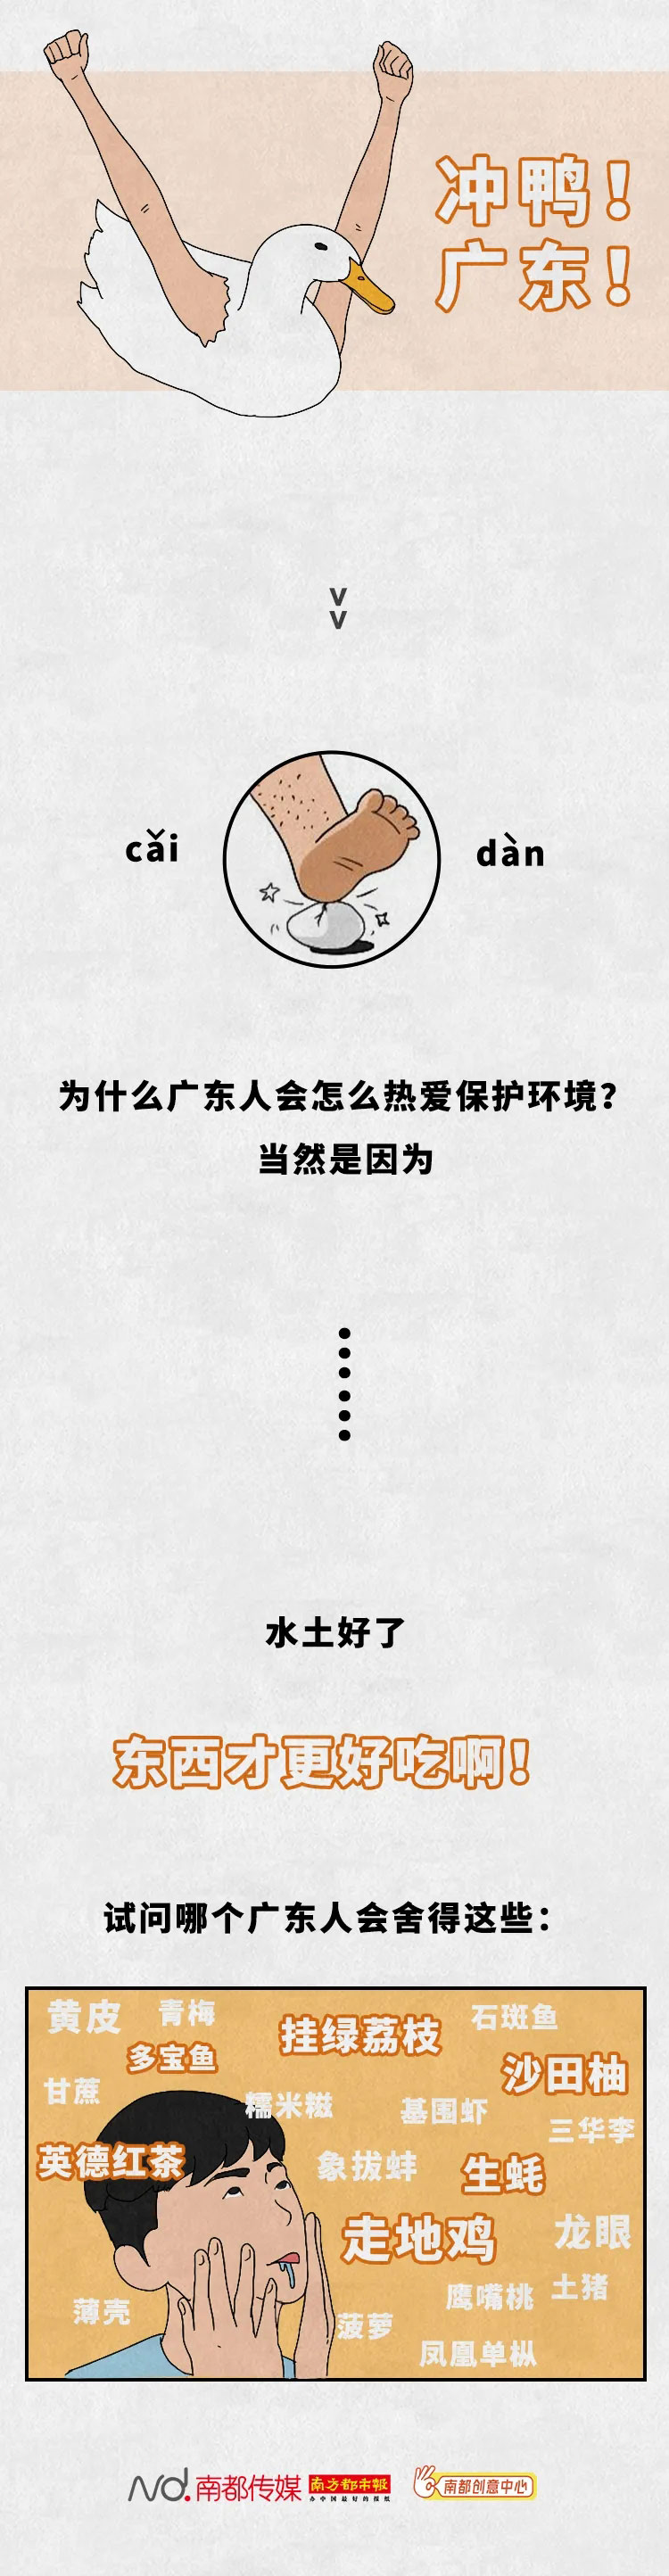 冲鸭,广东